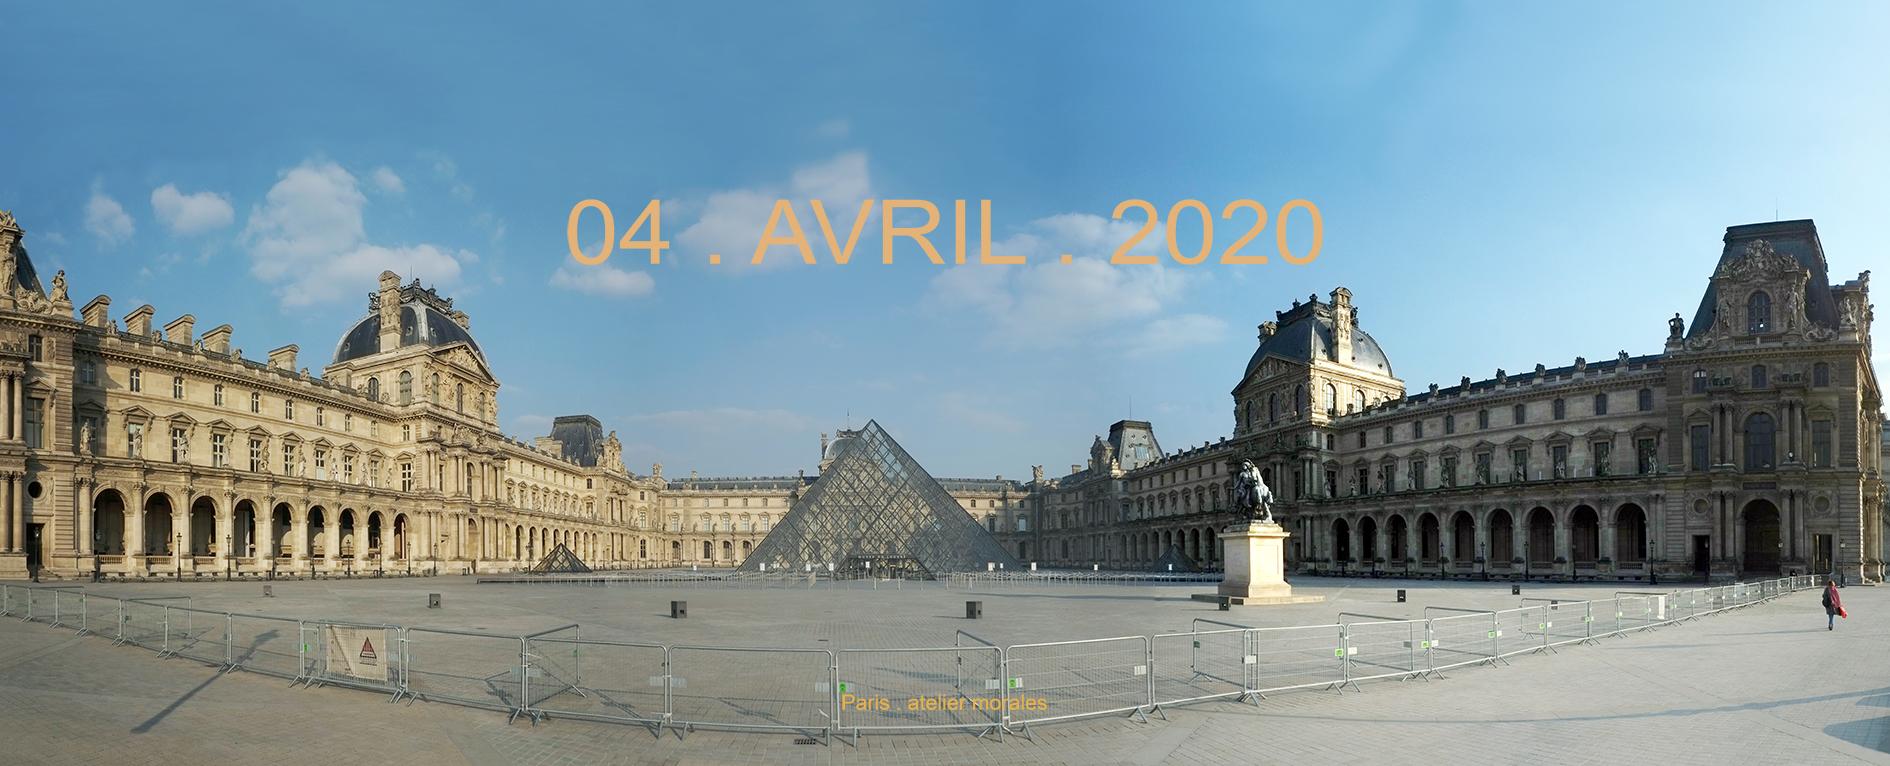 20eme jour confinement. 04 avril 2020. Cour Napoleón Le Louvre París (2020) - Teresa Ayuso & Juan Luis Morales  - Atelier Morales